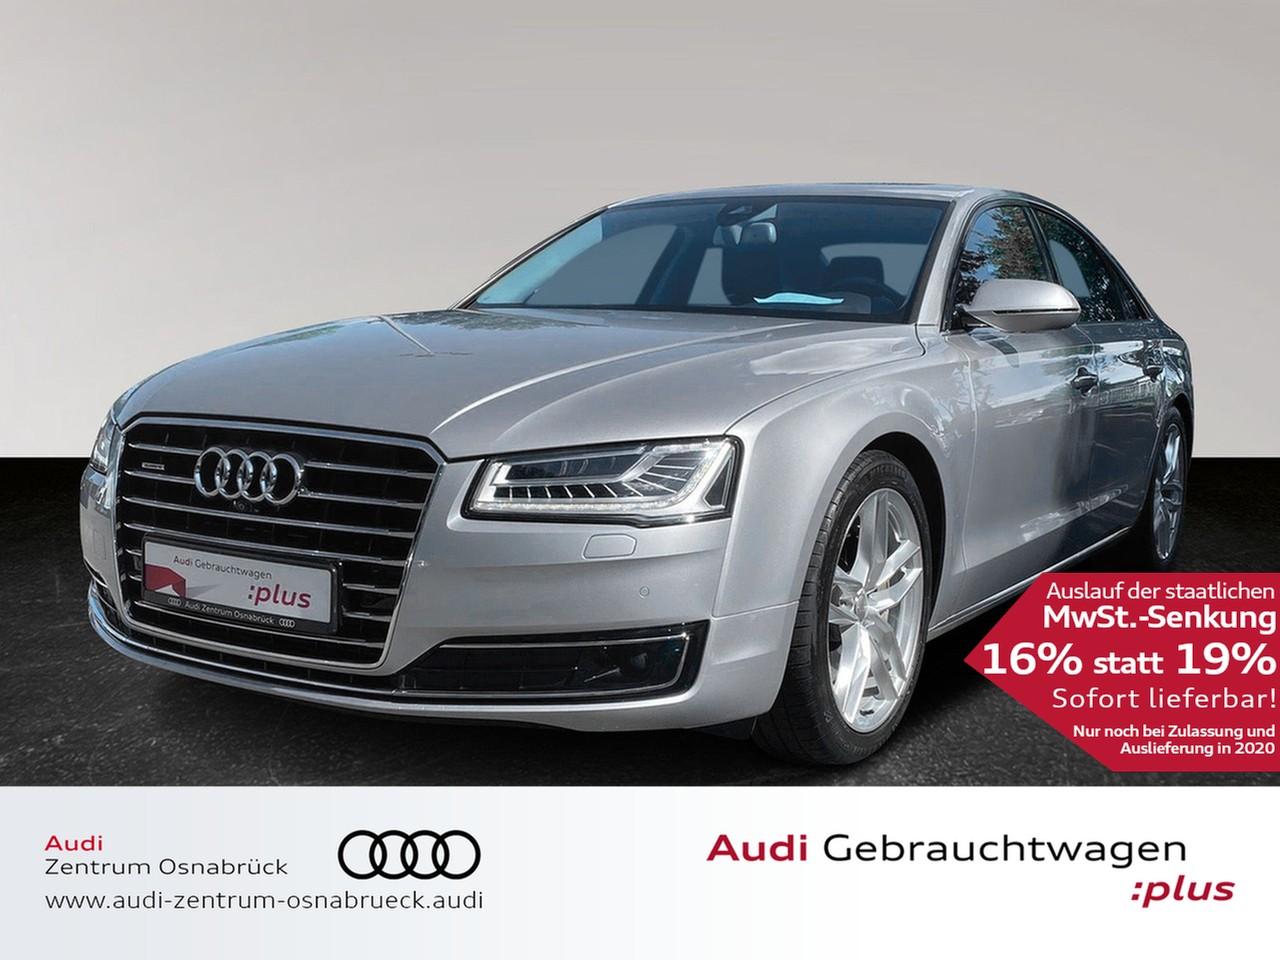 Audi A8 3.0 TDI tiptronic quattro ACC HUD Navi Nachtsicht Schiebedach Massage Standheizung, Jahr 2015, Diesel